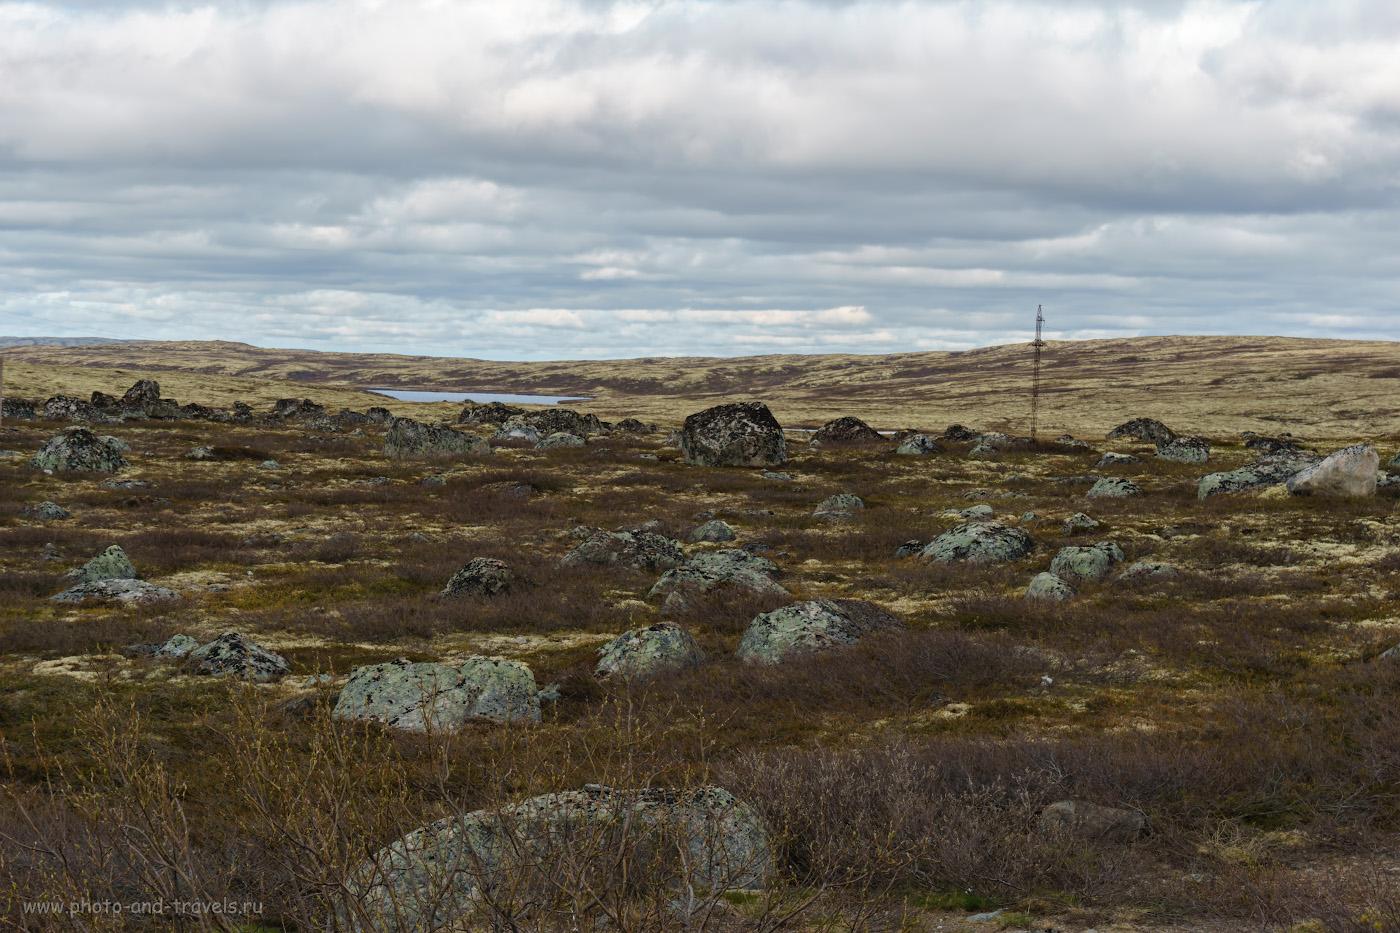 Фотография 6. Каменистая тундра Кольского полуострова. Ни каких животных во время своего путешествия я не увидел.